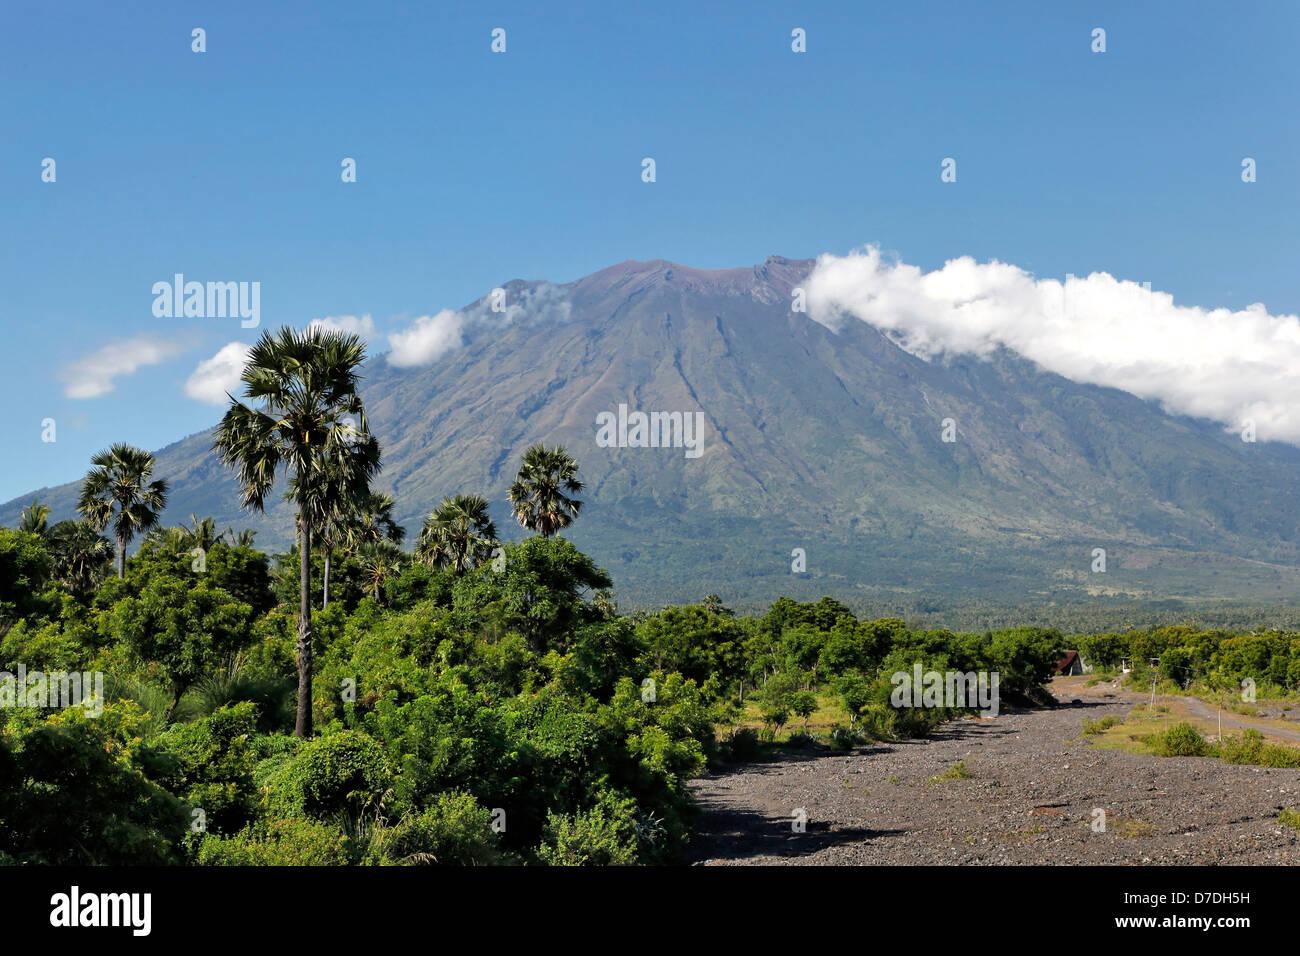 Volcano Mount Agung, Bali, Indonesien - Stock Image